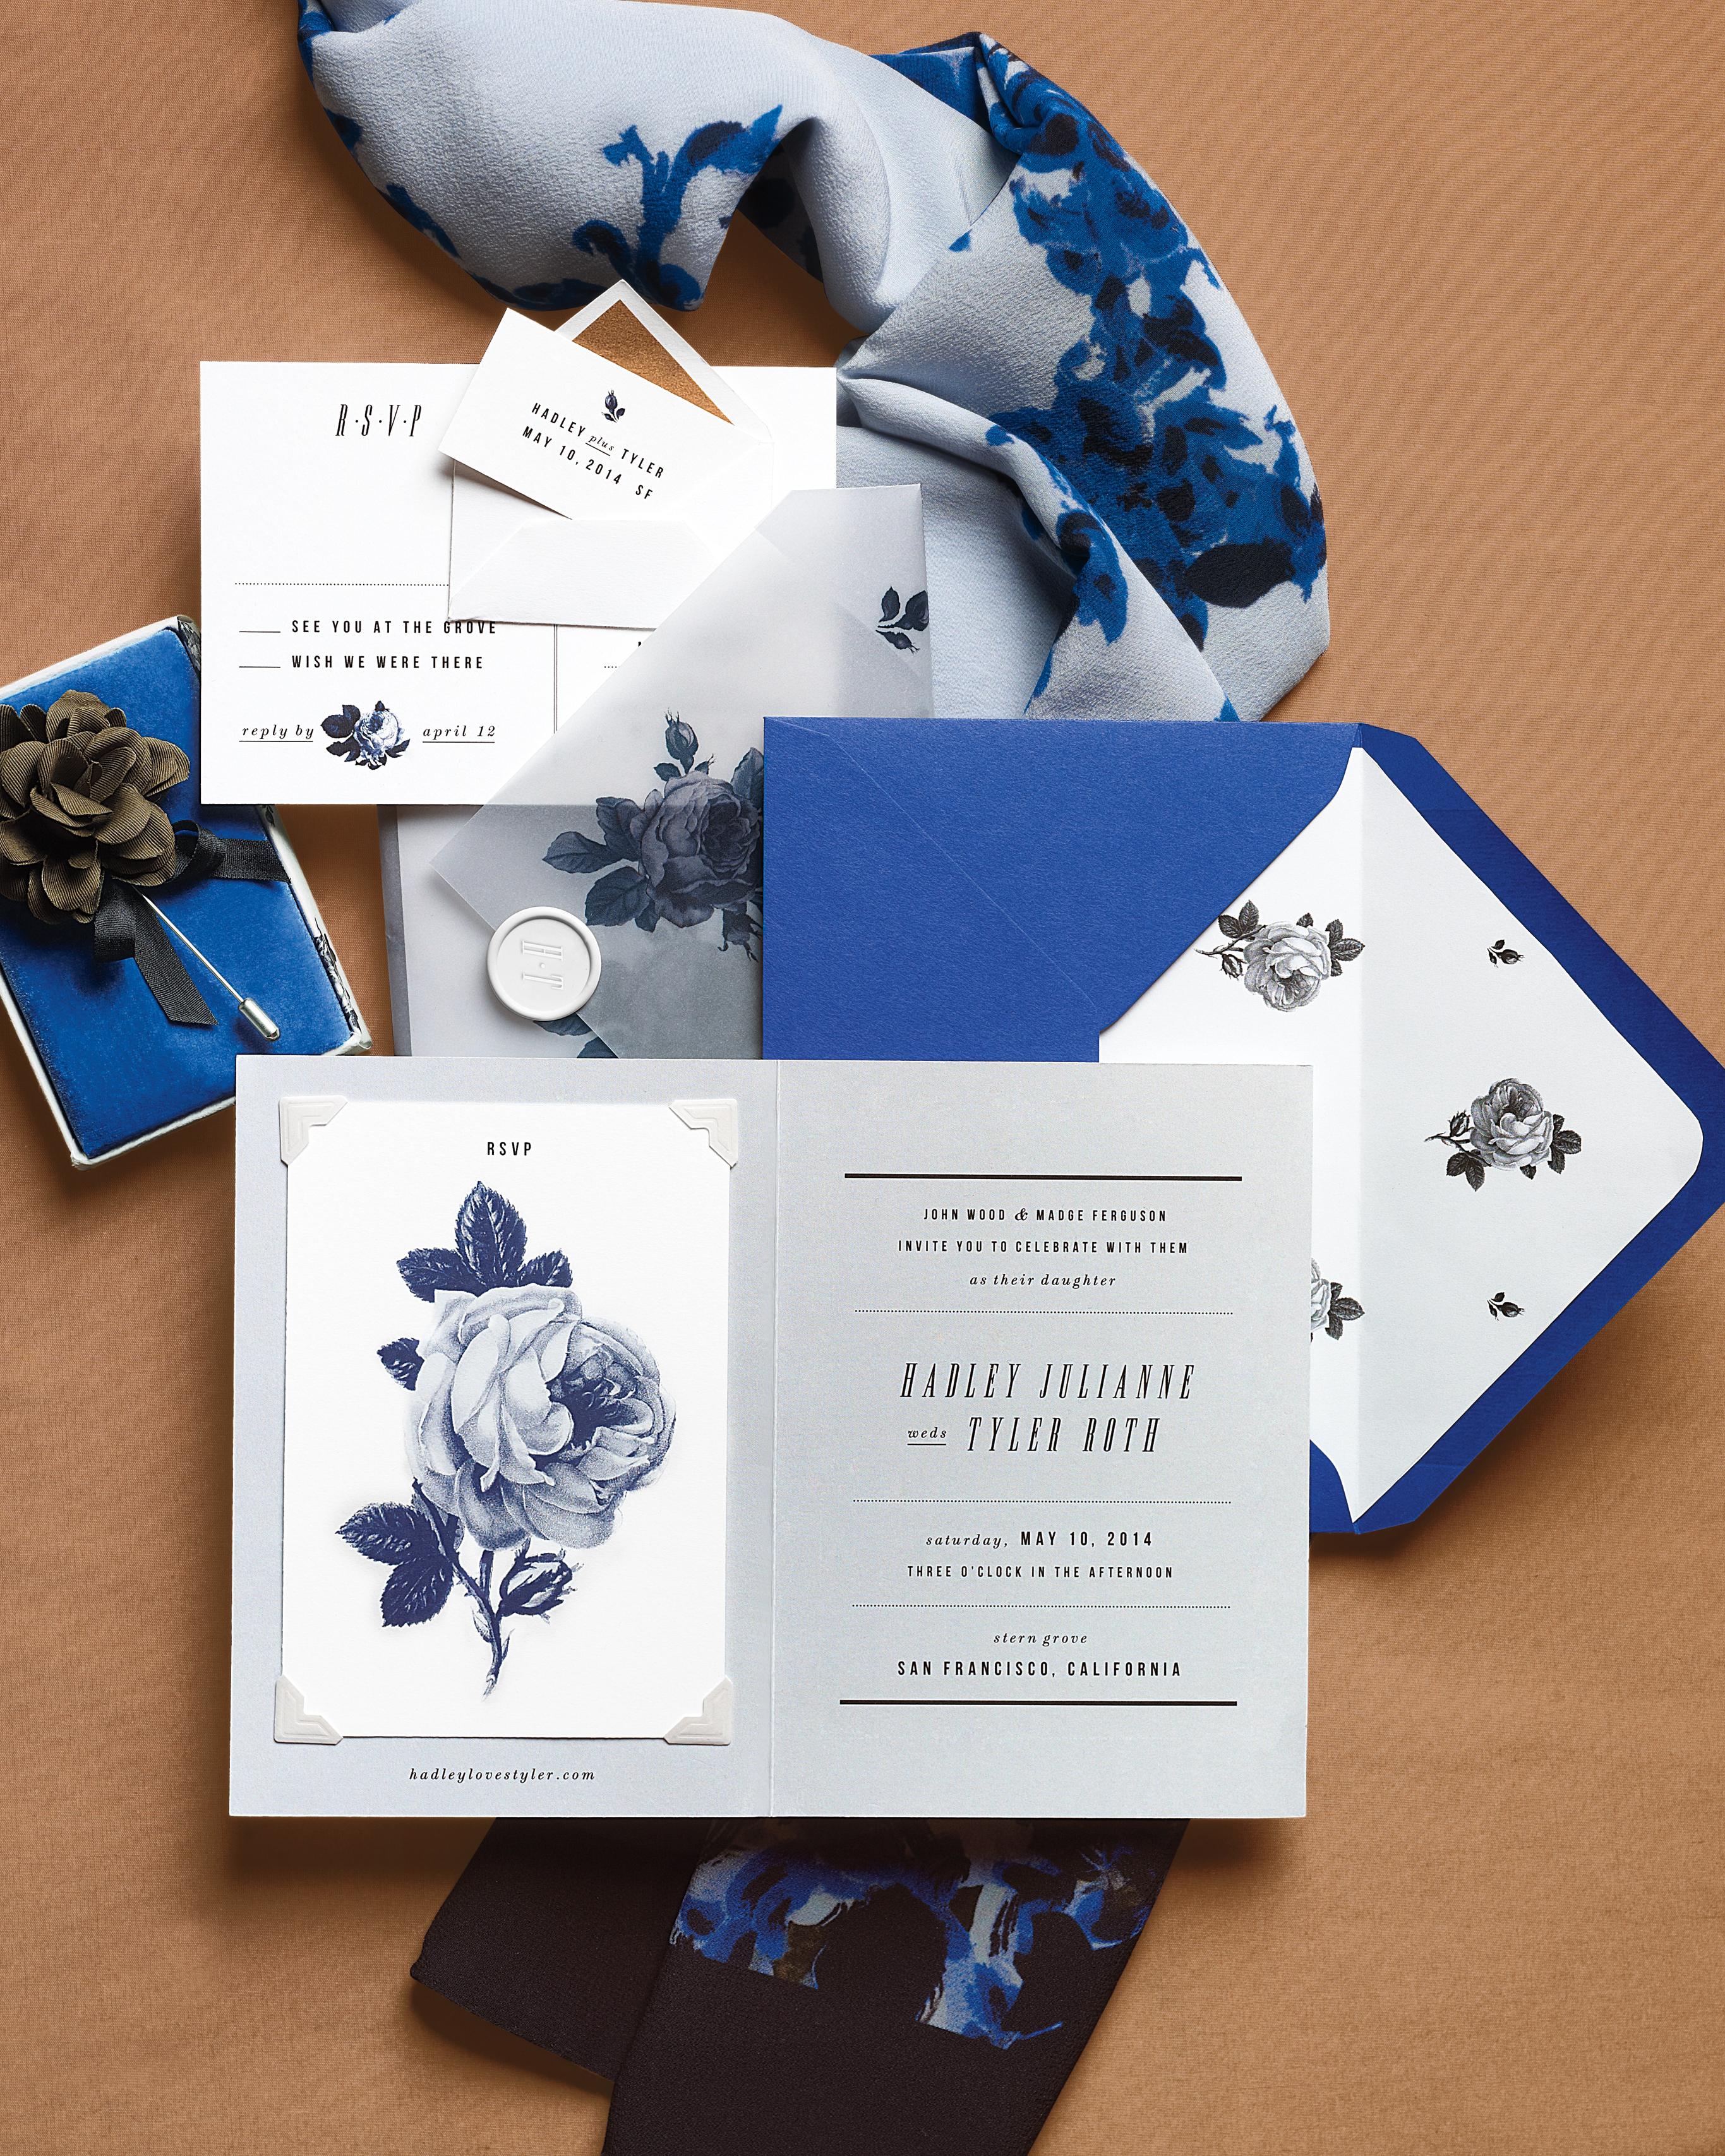 floral-050-mwd110239.jpg